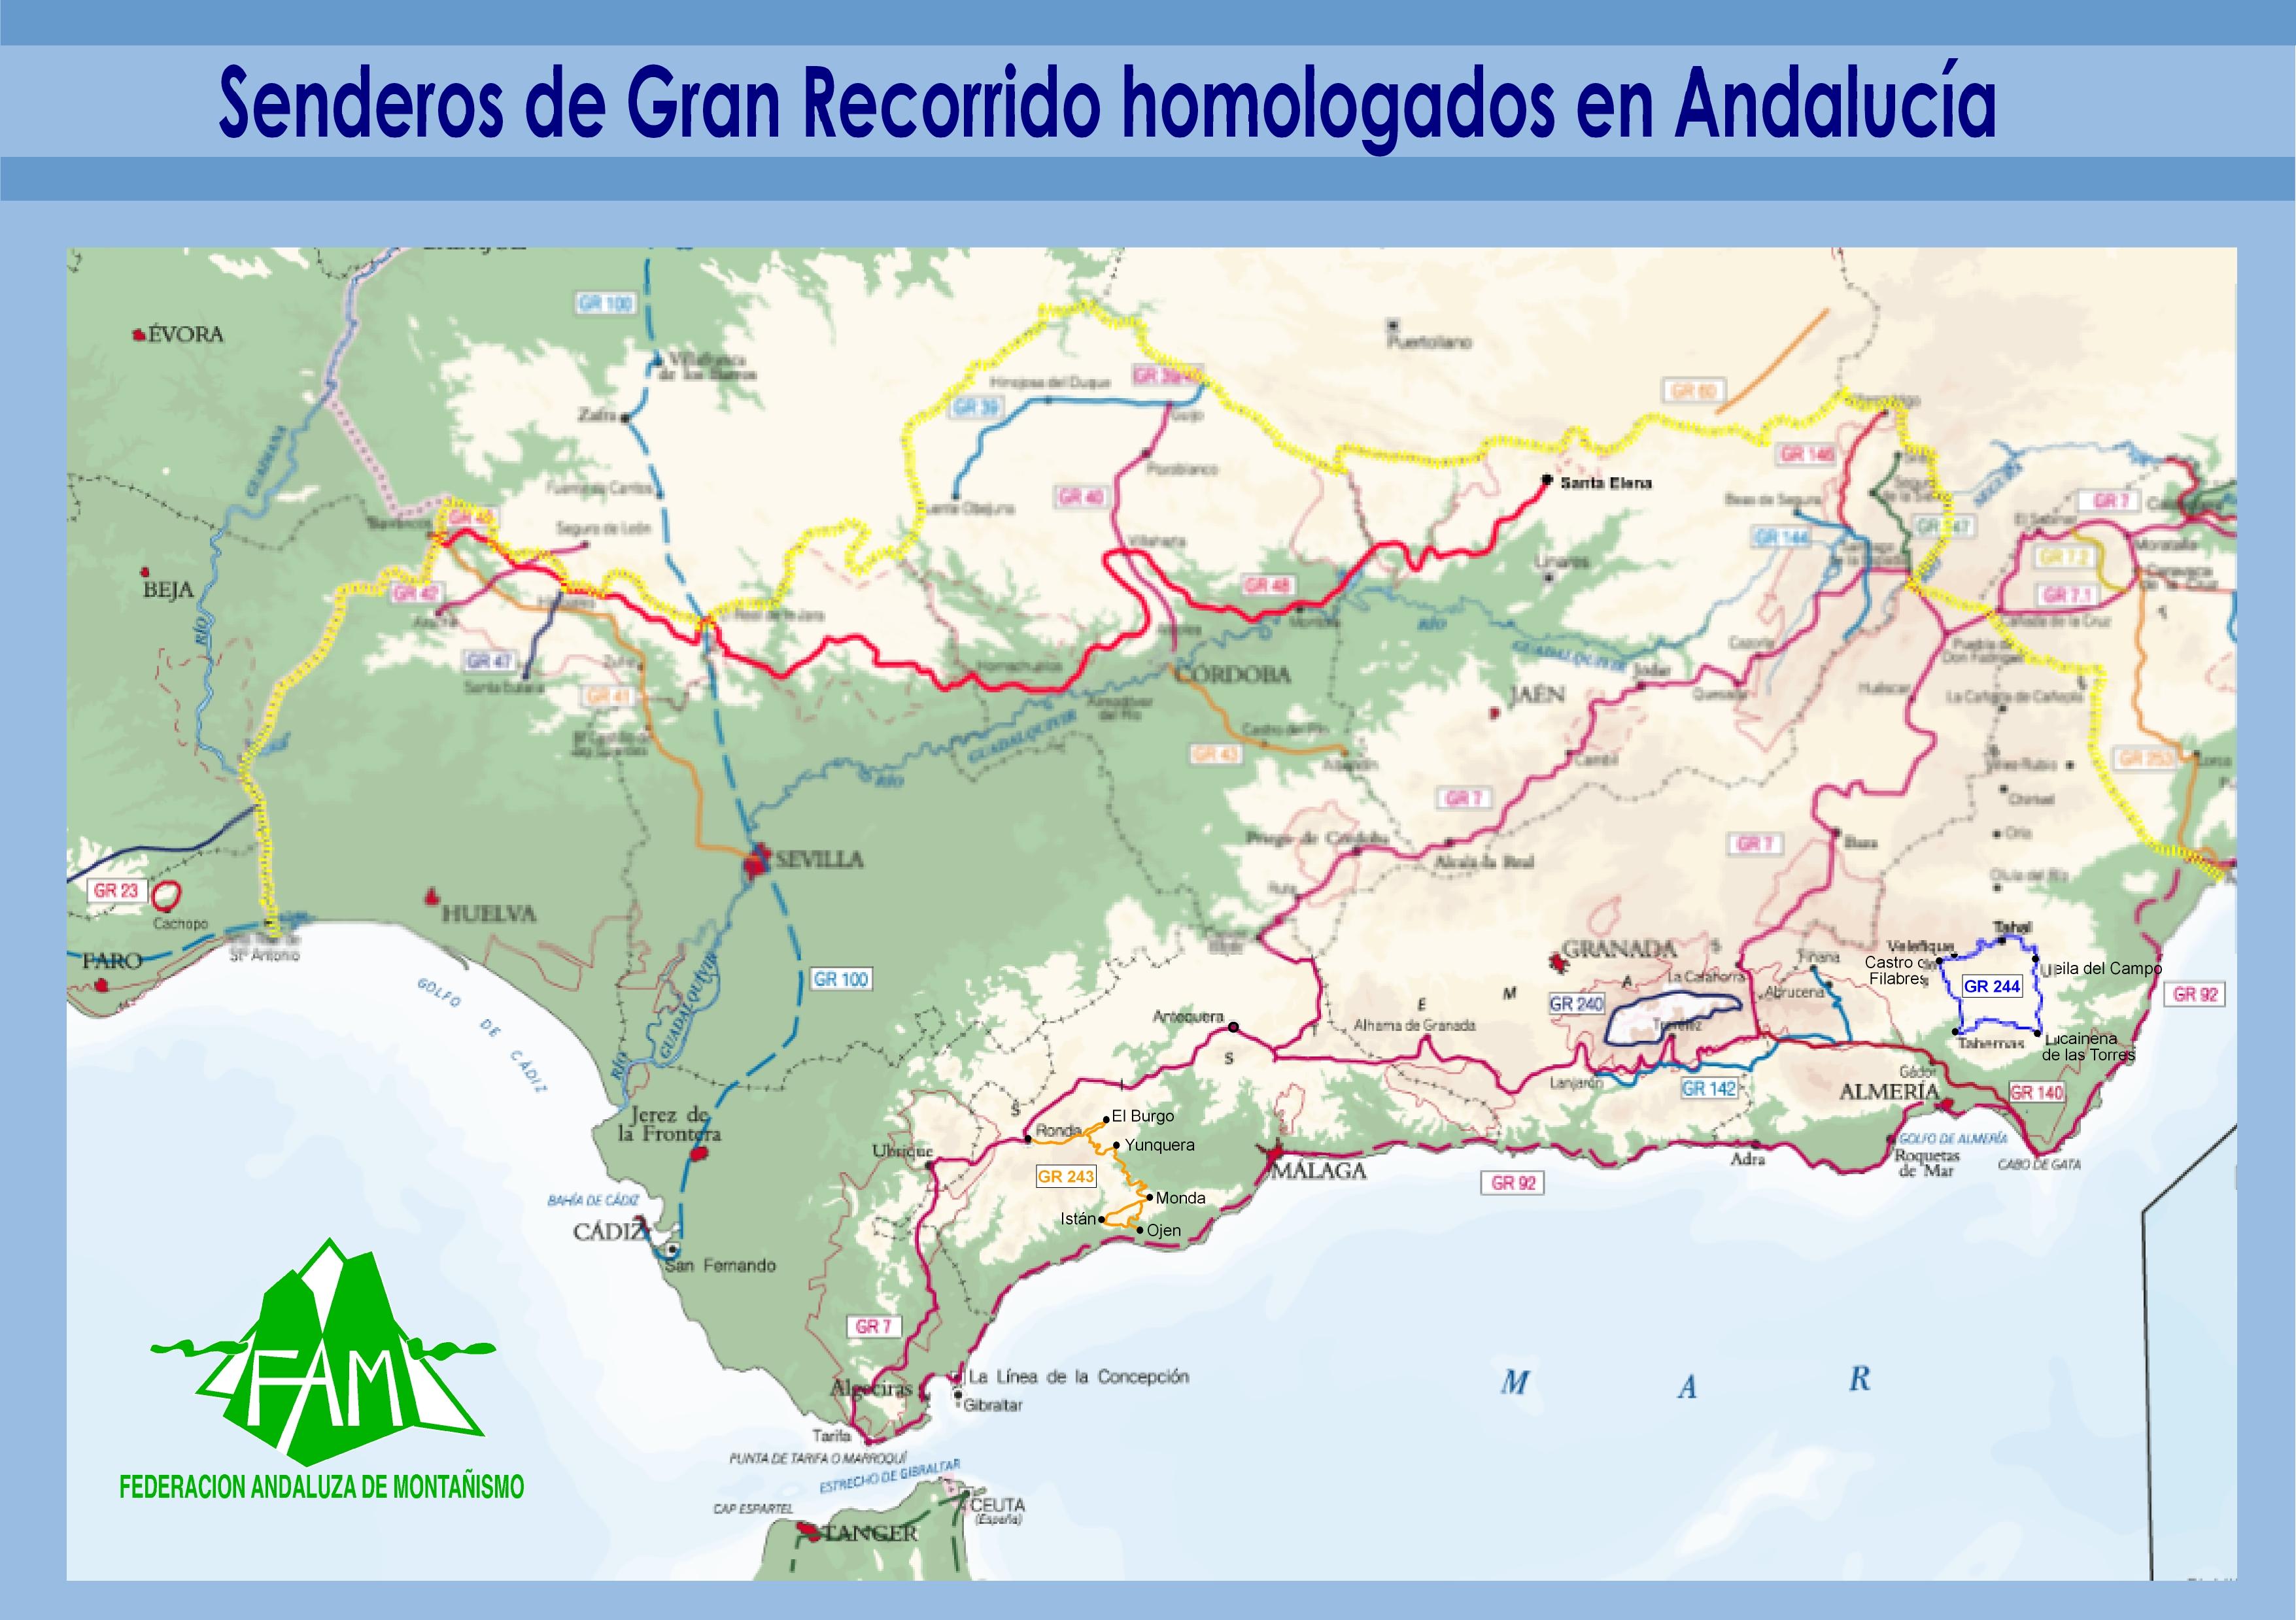 SENDEROS DE GRAN RECORRIDO